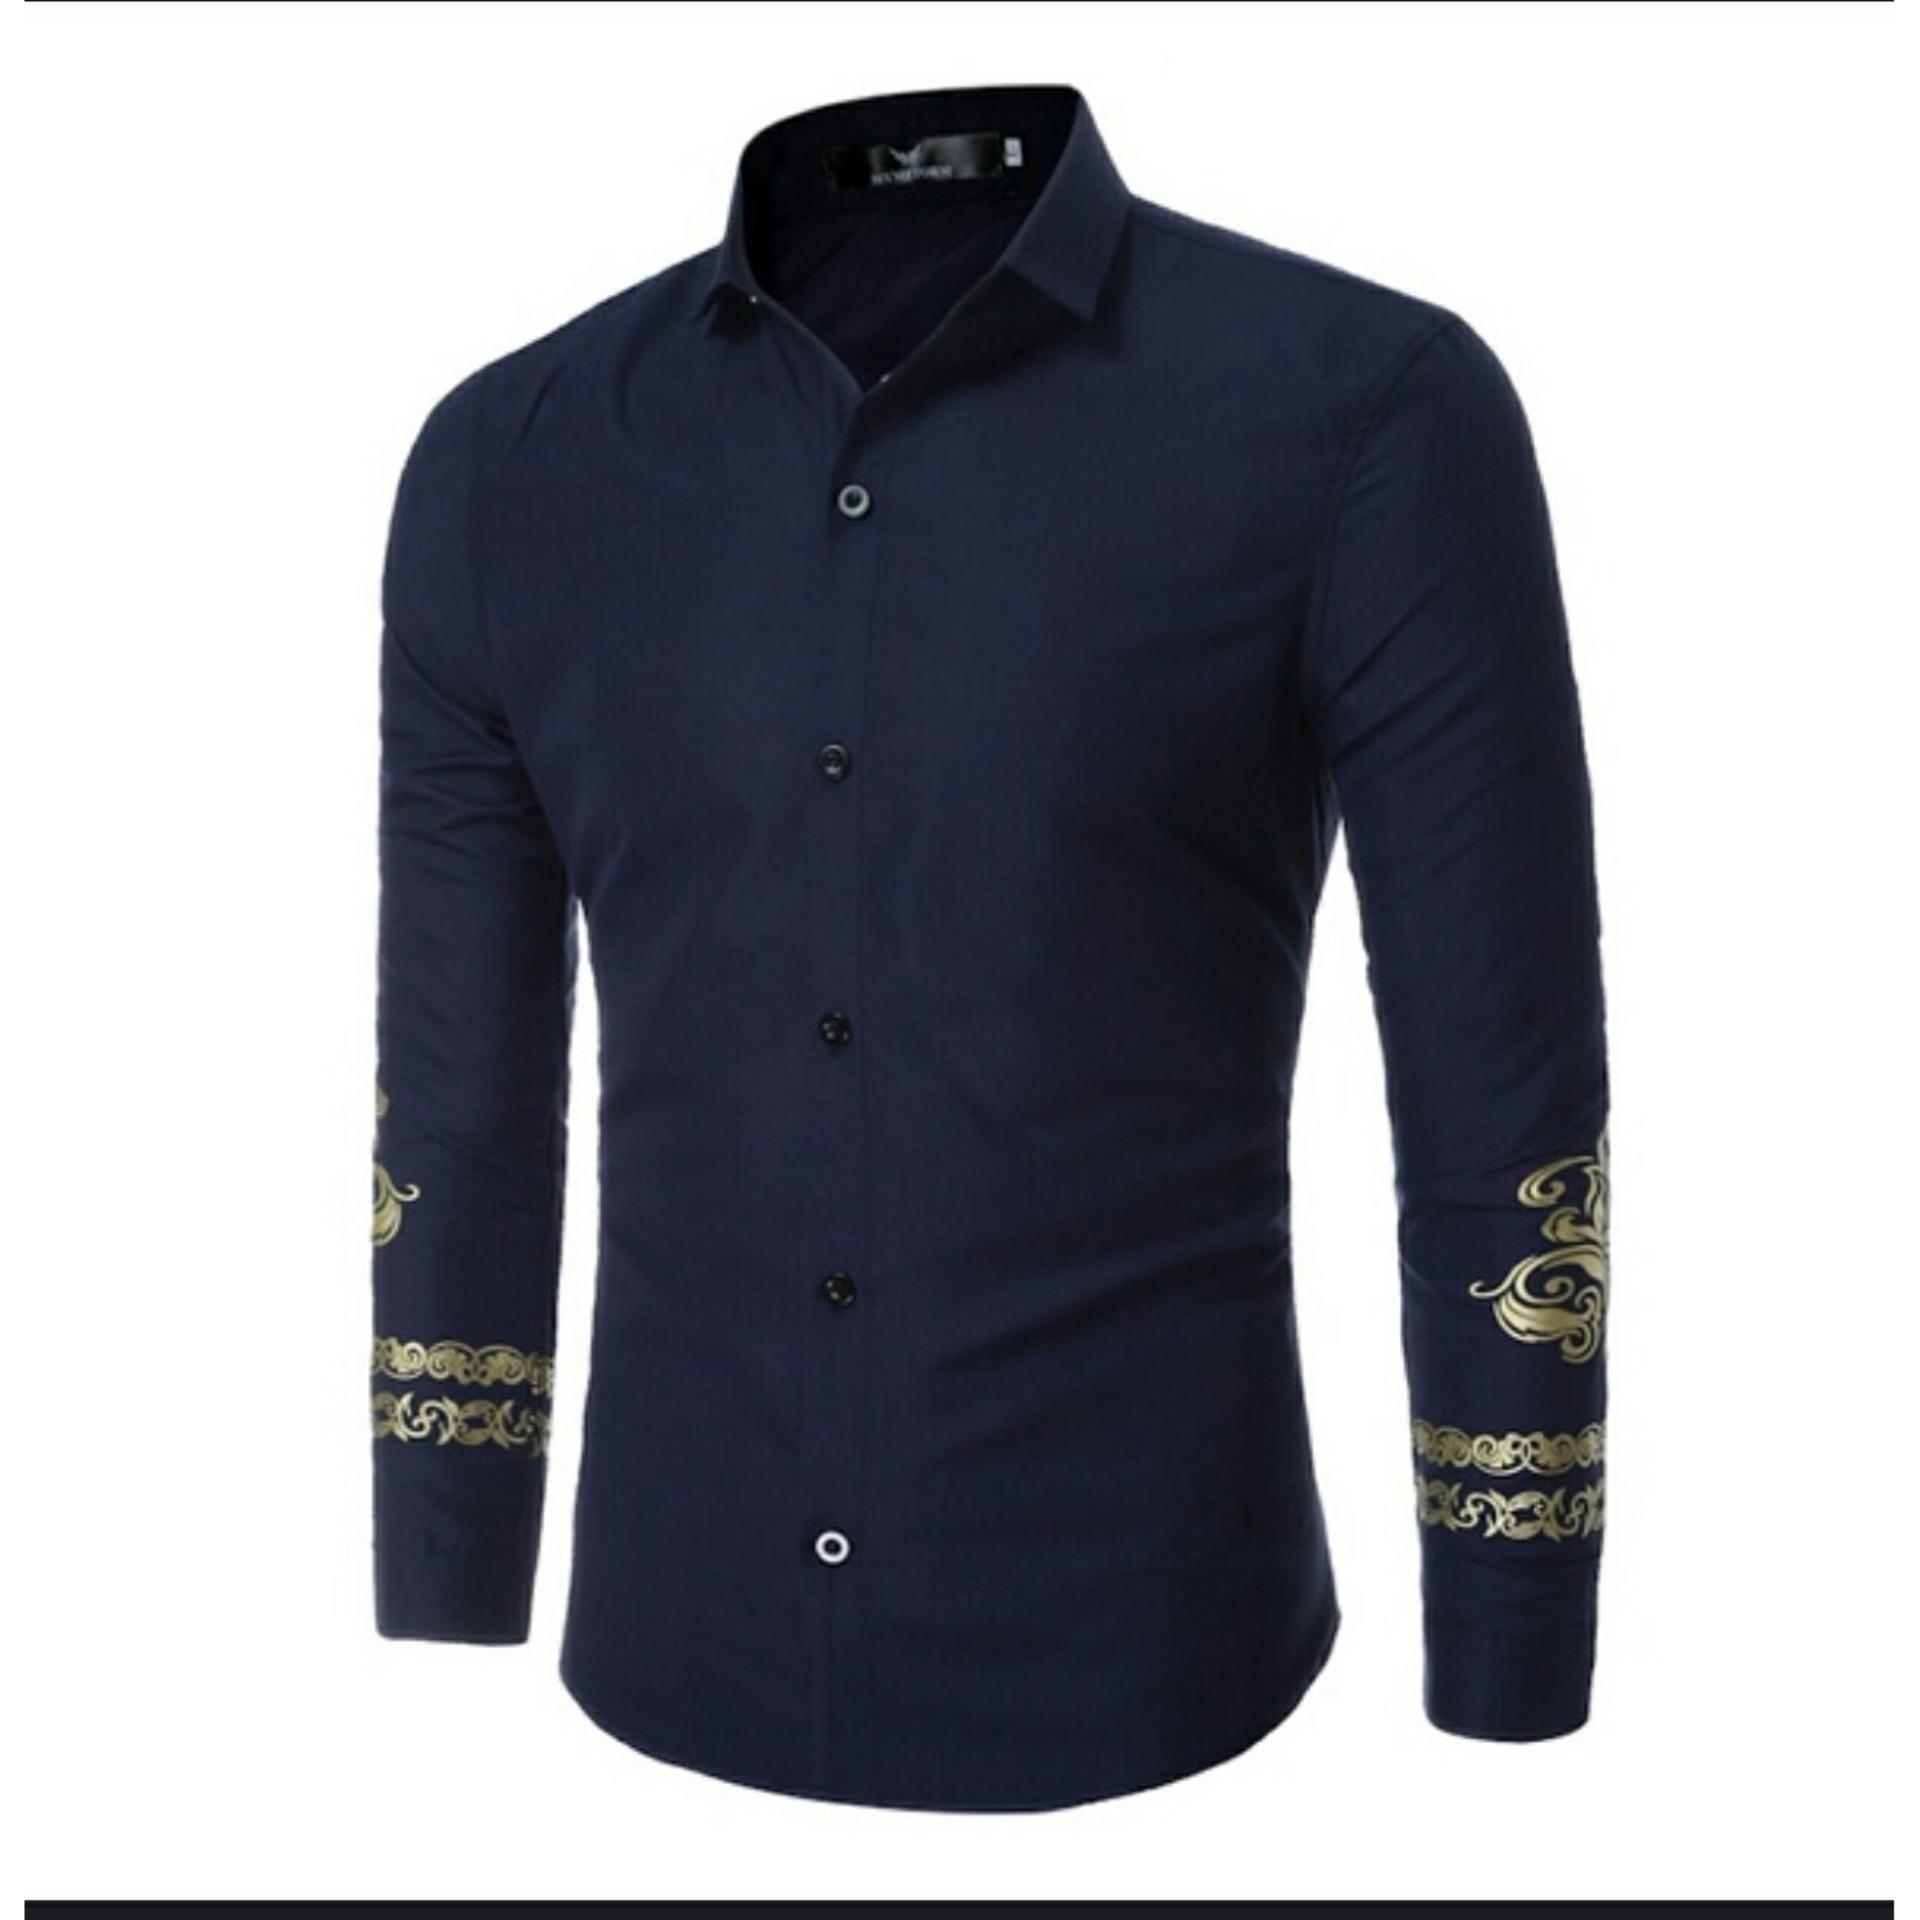 ... 100% Soft Cotton Combed 30s Kaos Distro Fashion T-Shirt Atasan Terbaru Baju Pakaian Polos Pria Wanita Cewe Cowo Lengan ... Source · K fashion / cs ...